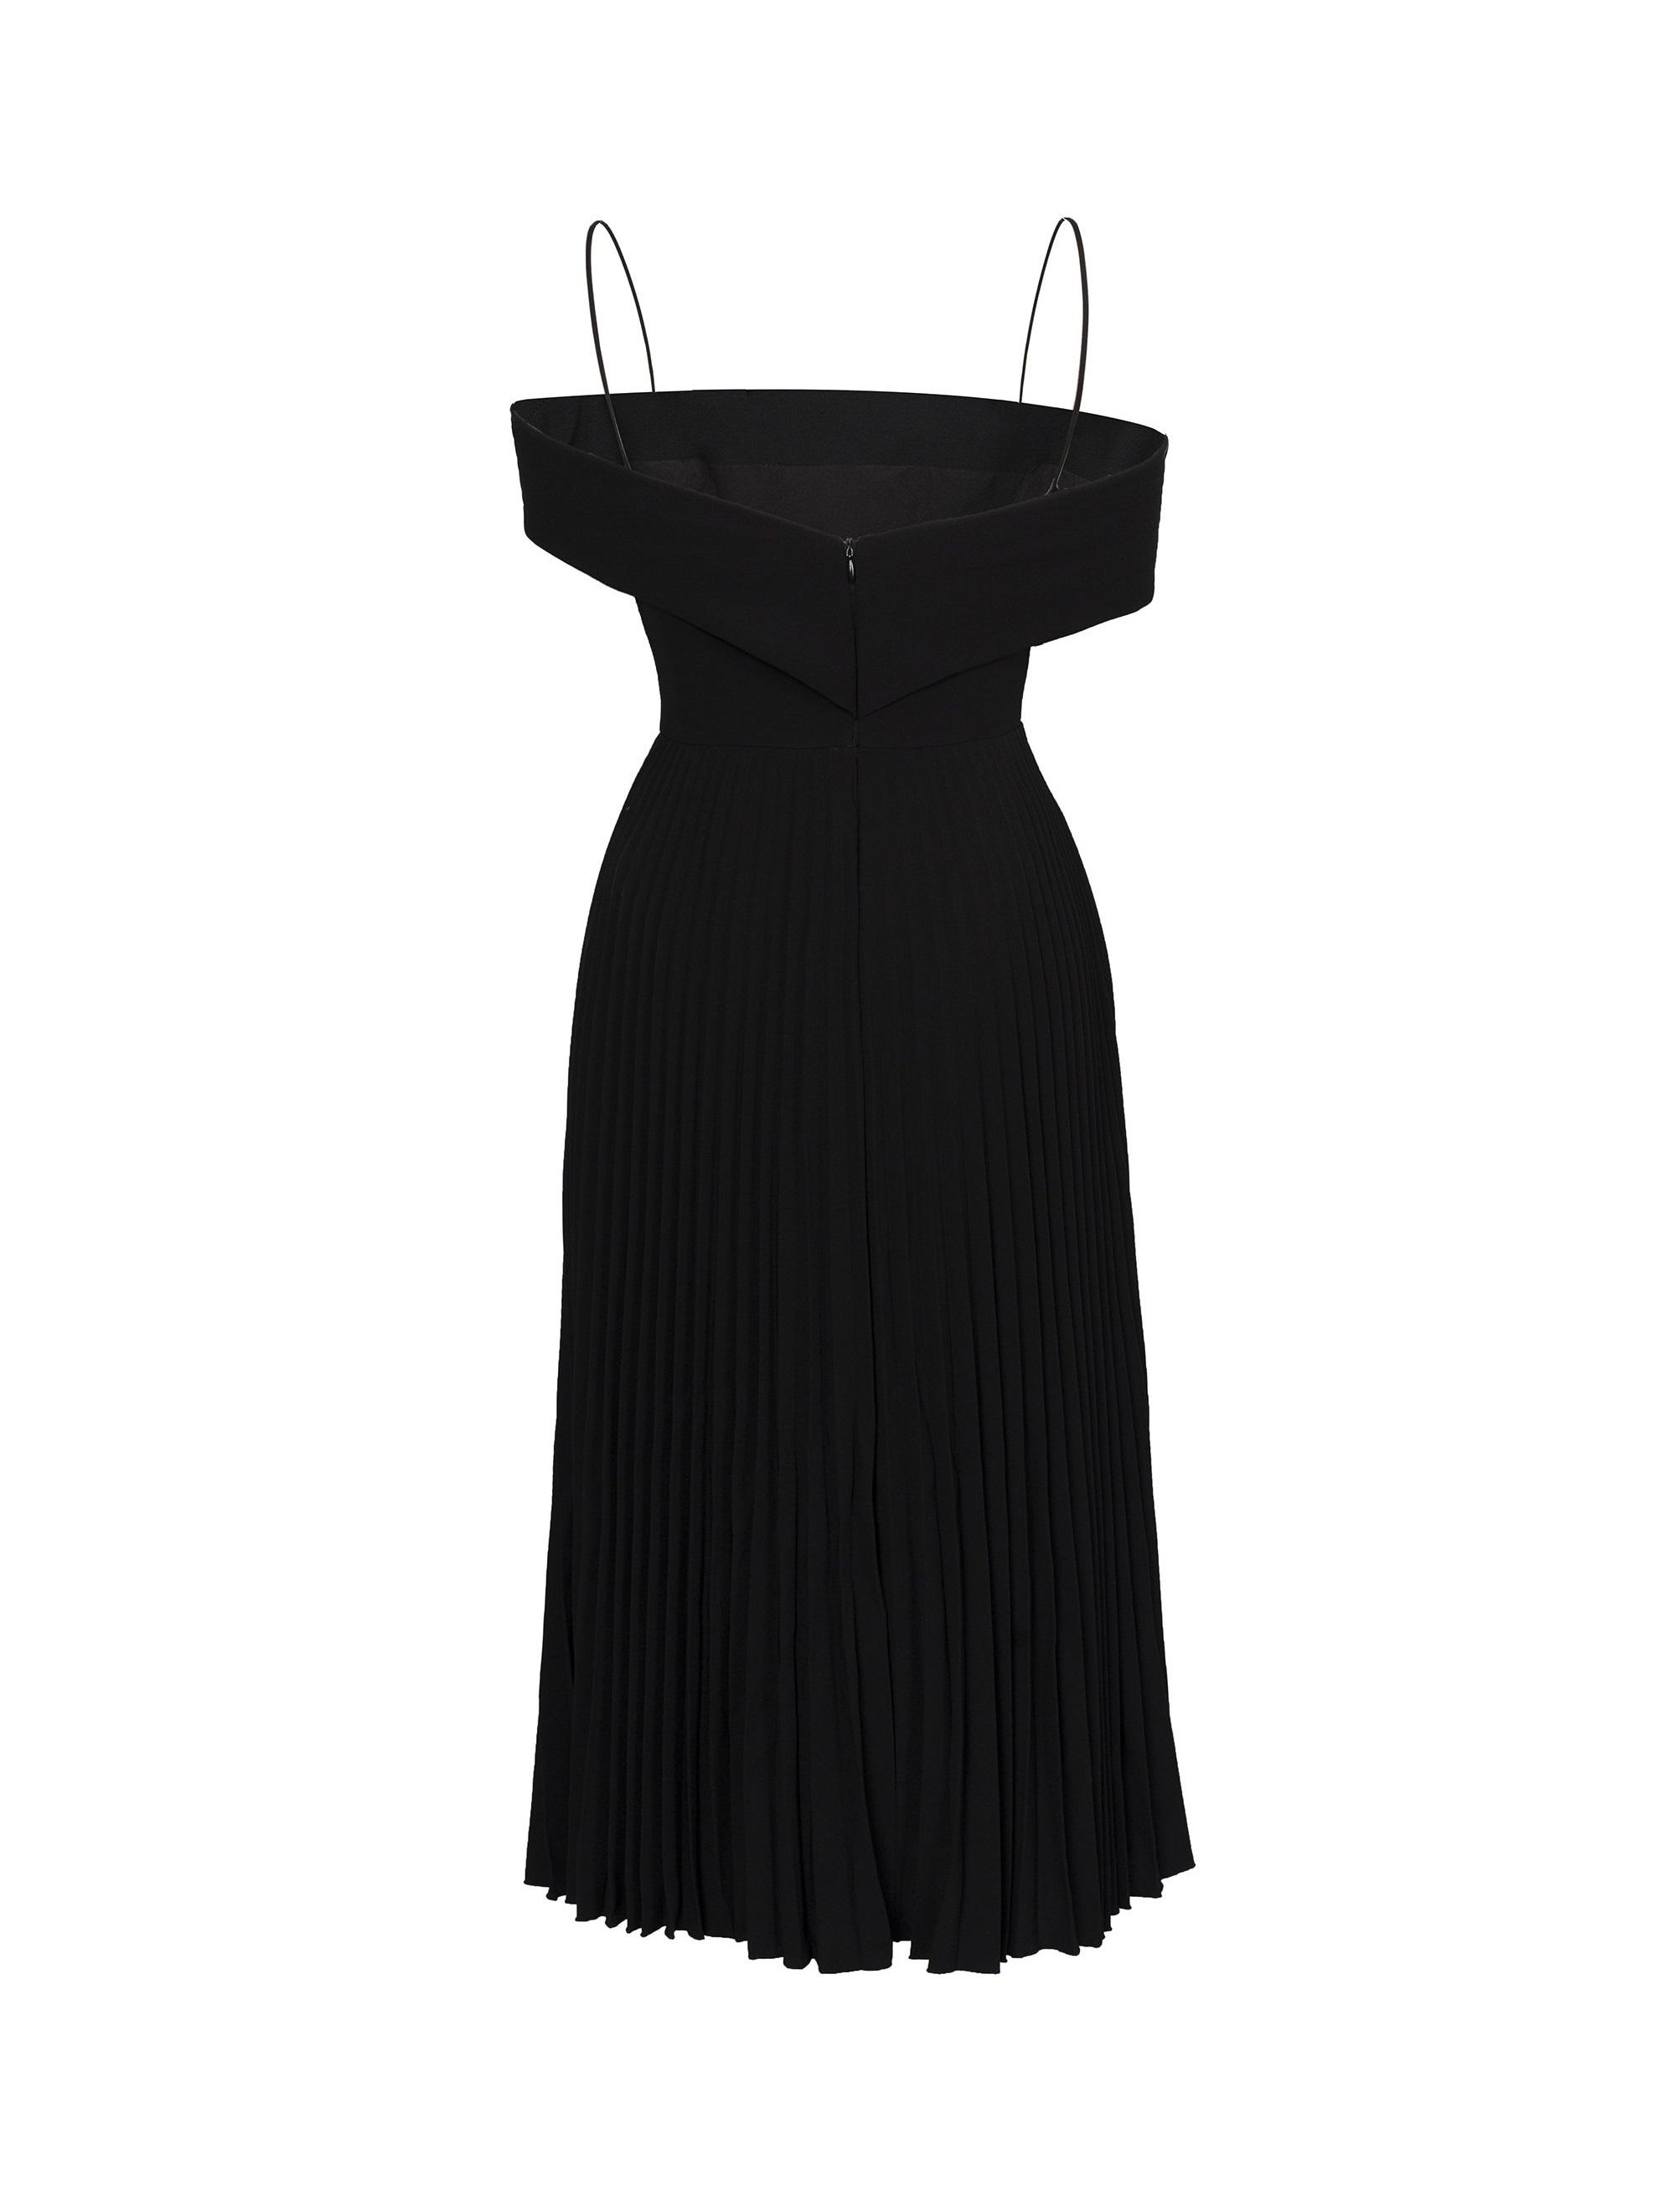 Đầm xoè 2 dây bẹt vai xếp ly #2900